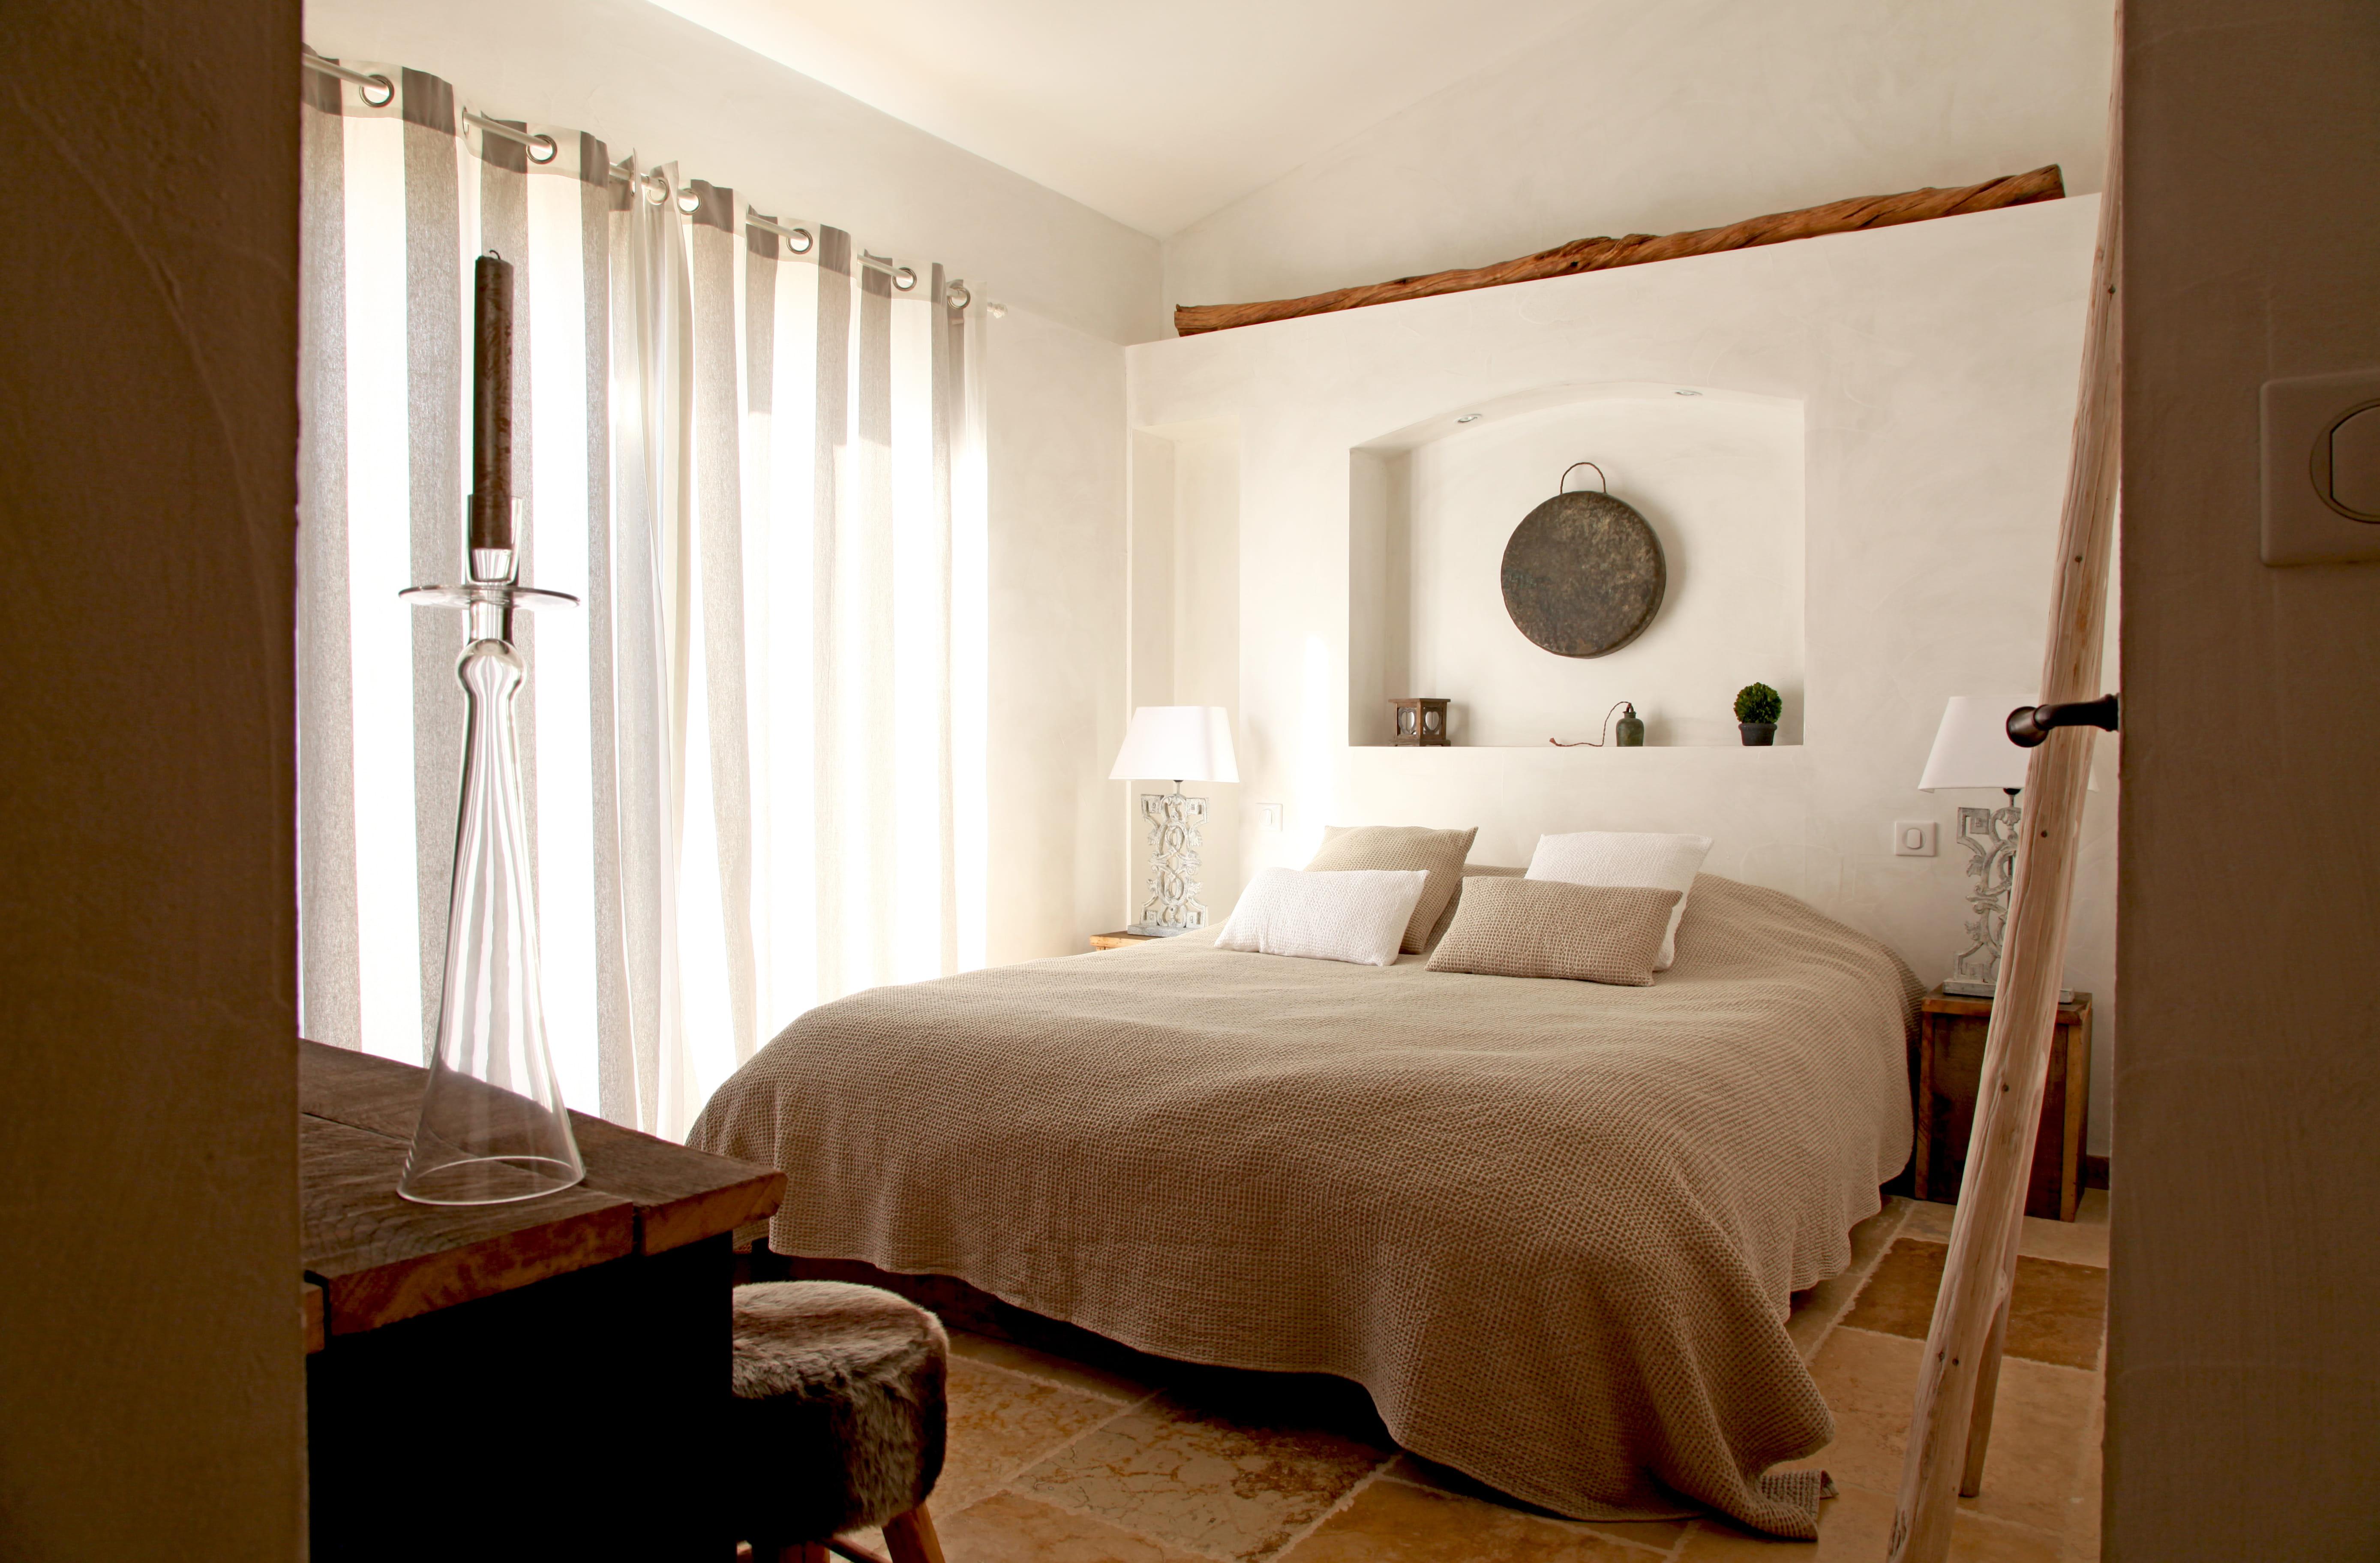 couleur chambre couple feng shui une chambre sobre ficelle la couleur dco tendance - Feng Shui Chambre Couple